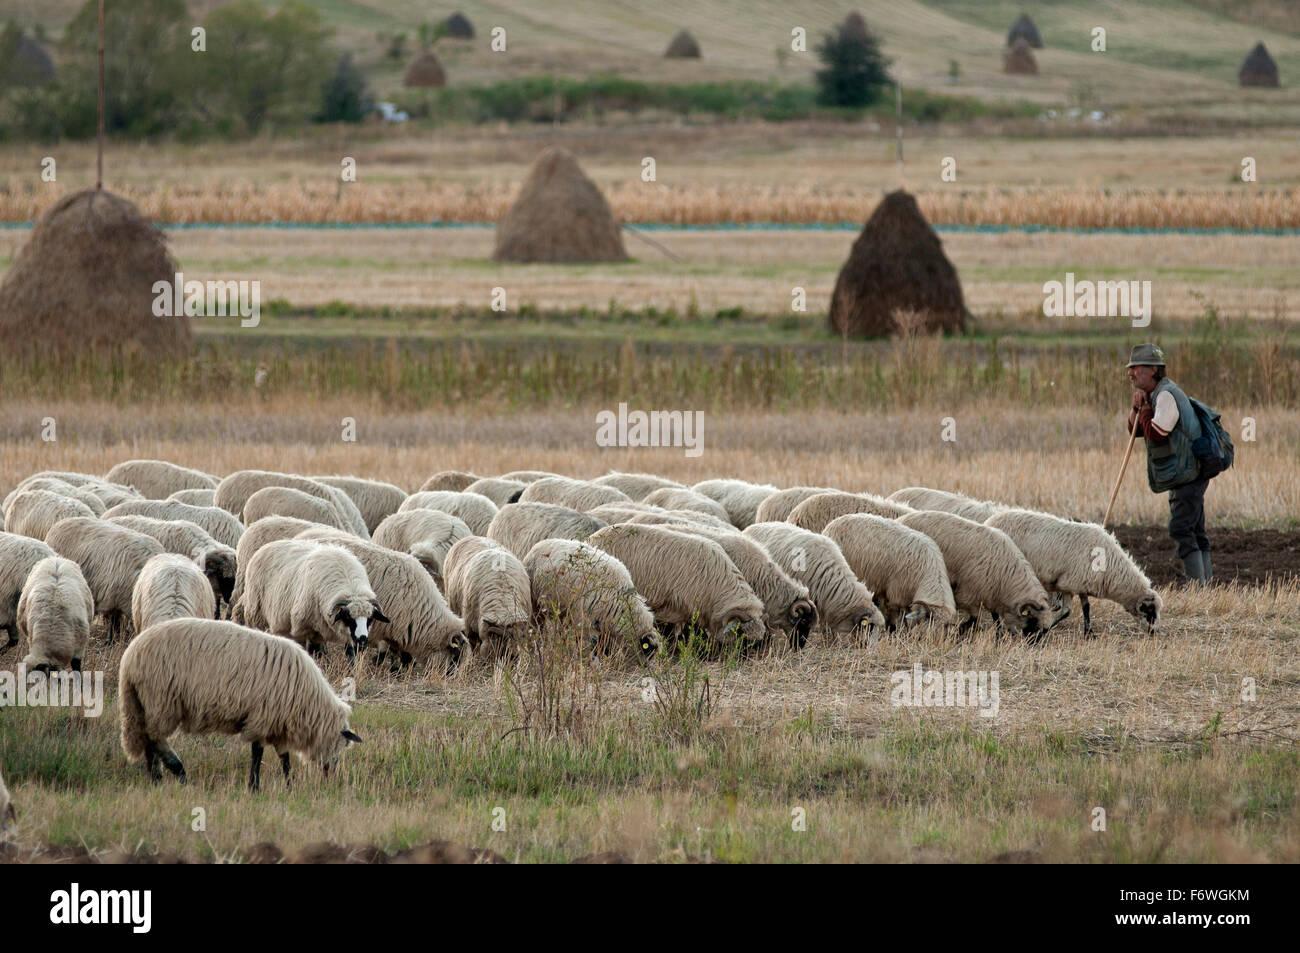 Shepherd near the village of Rimetea, Alba, Transylvania, Romania - Stock Image